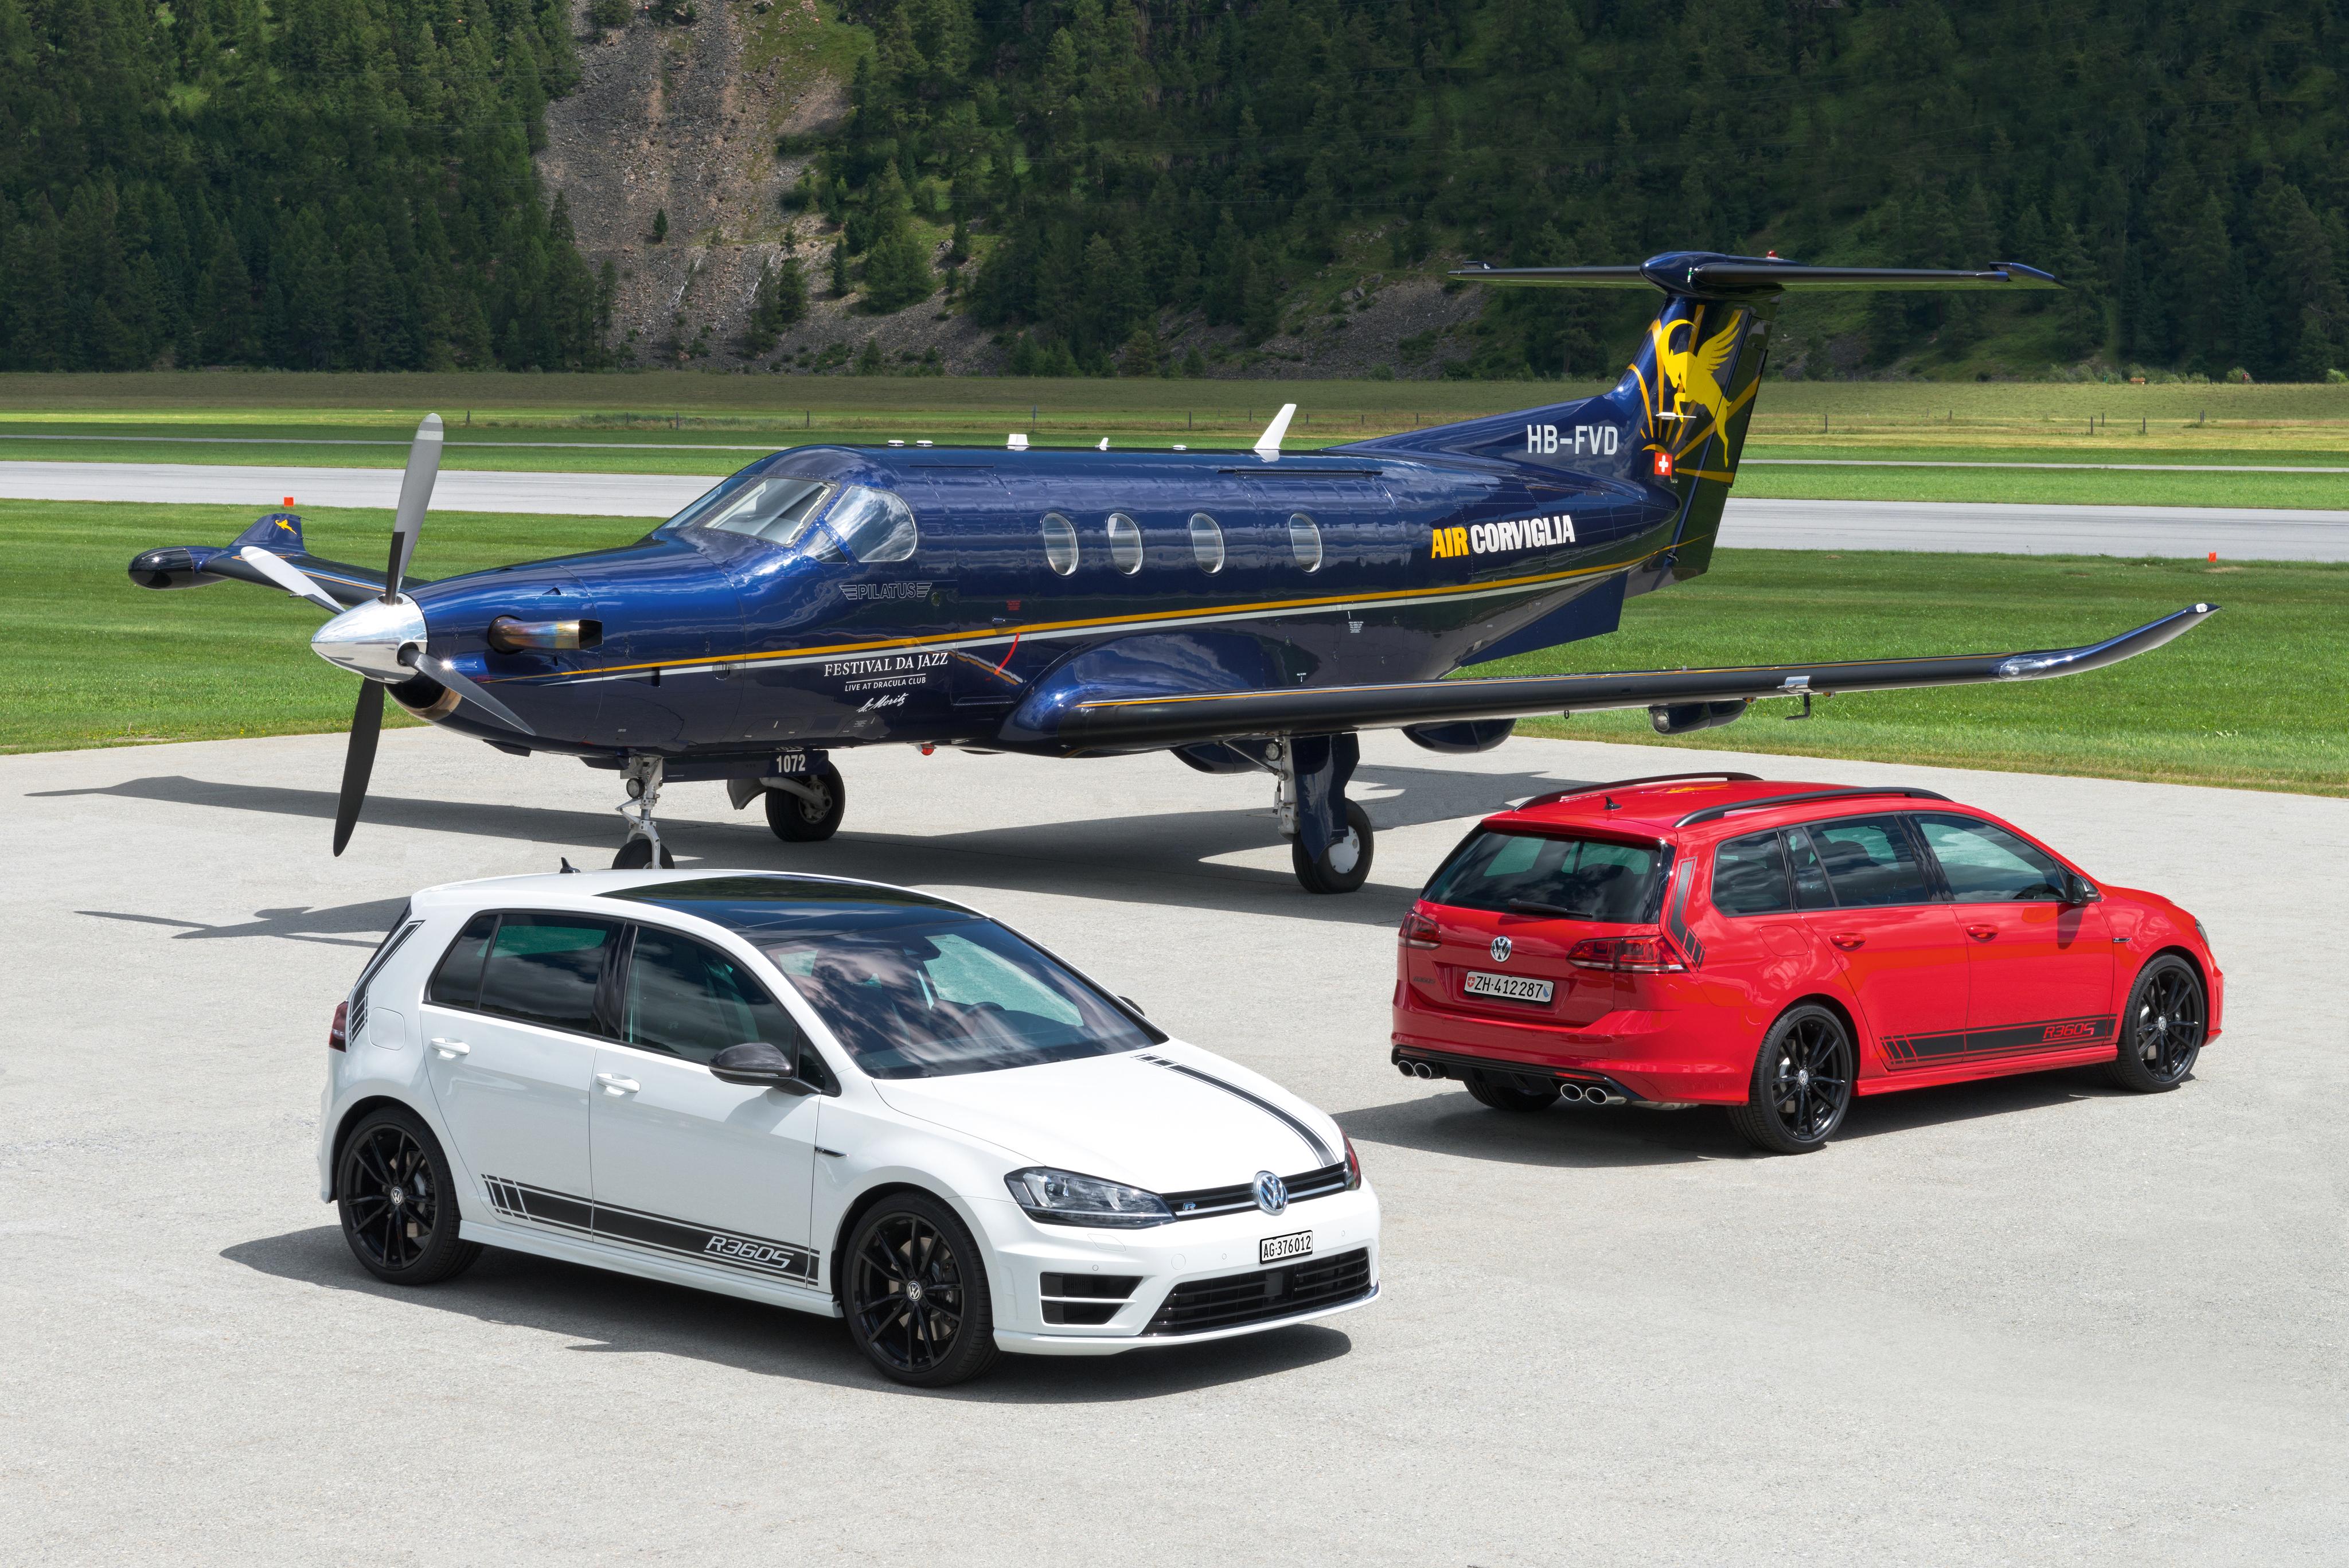 Обои Volkswagen Самолеты 2012-16 Golf две машины Металлик Авиация 4096x2734 Фольксваген 2 два Двое вдвоем авто машина автомобиль Автомобили